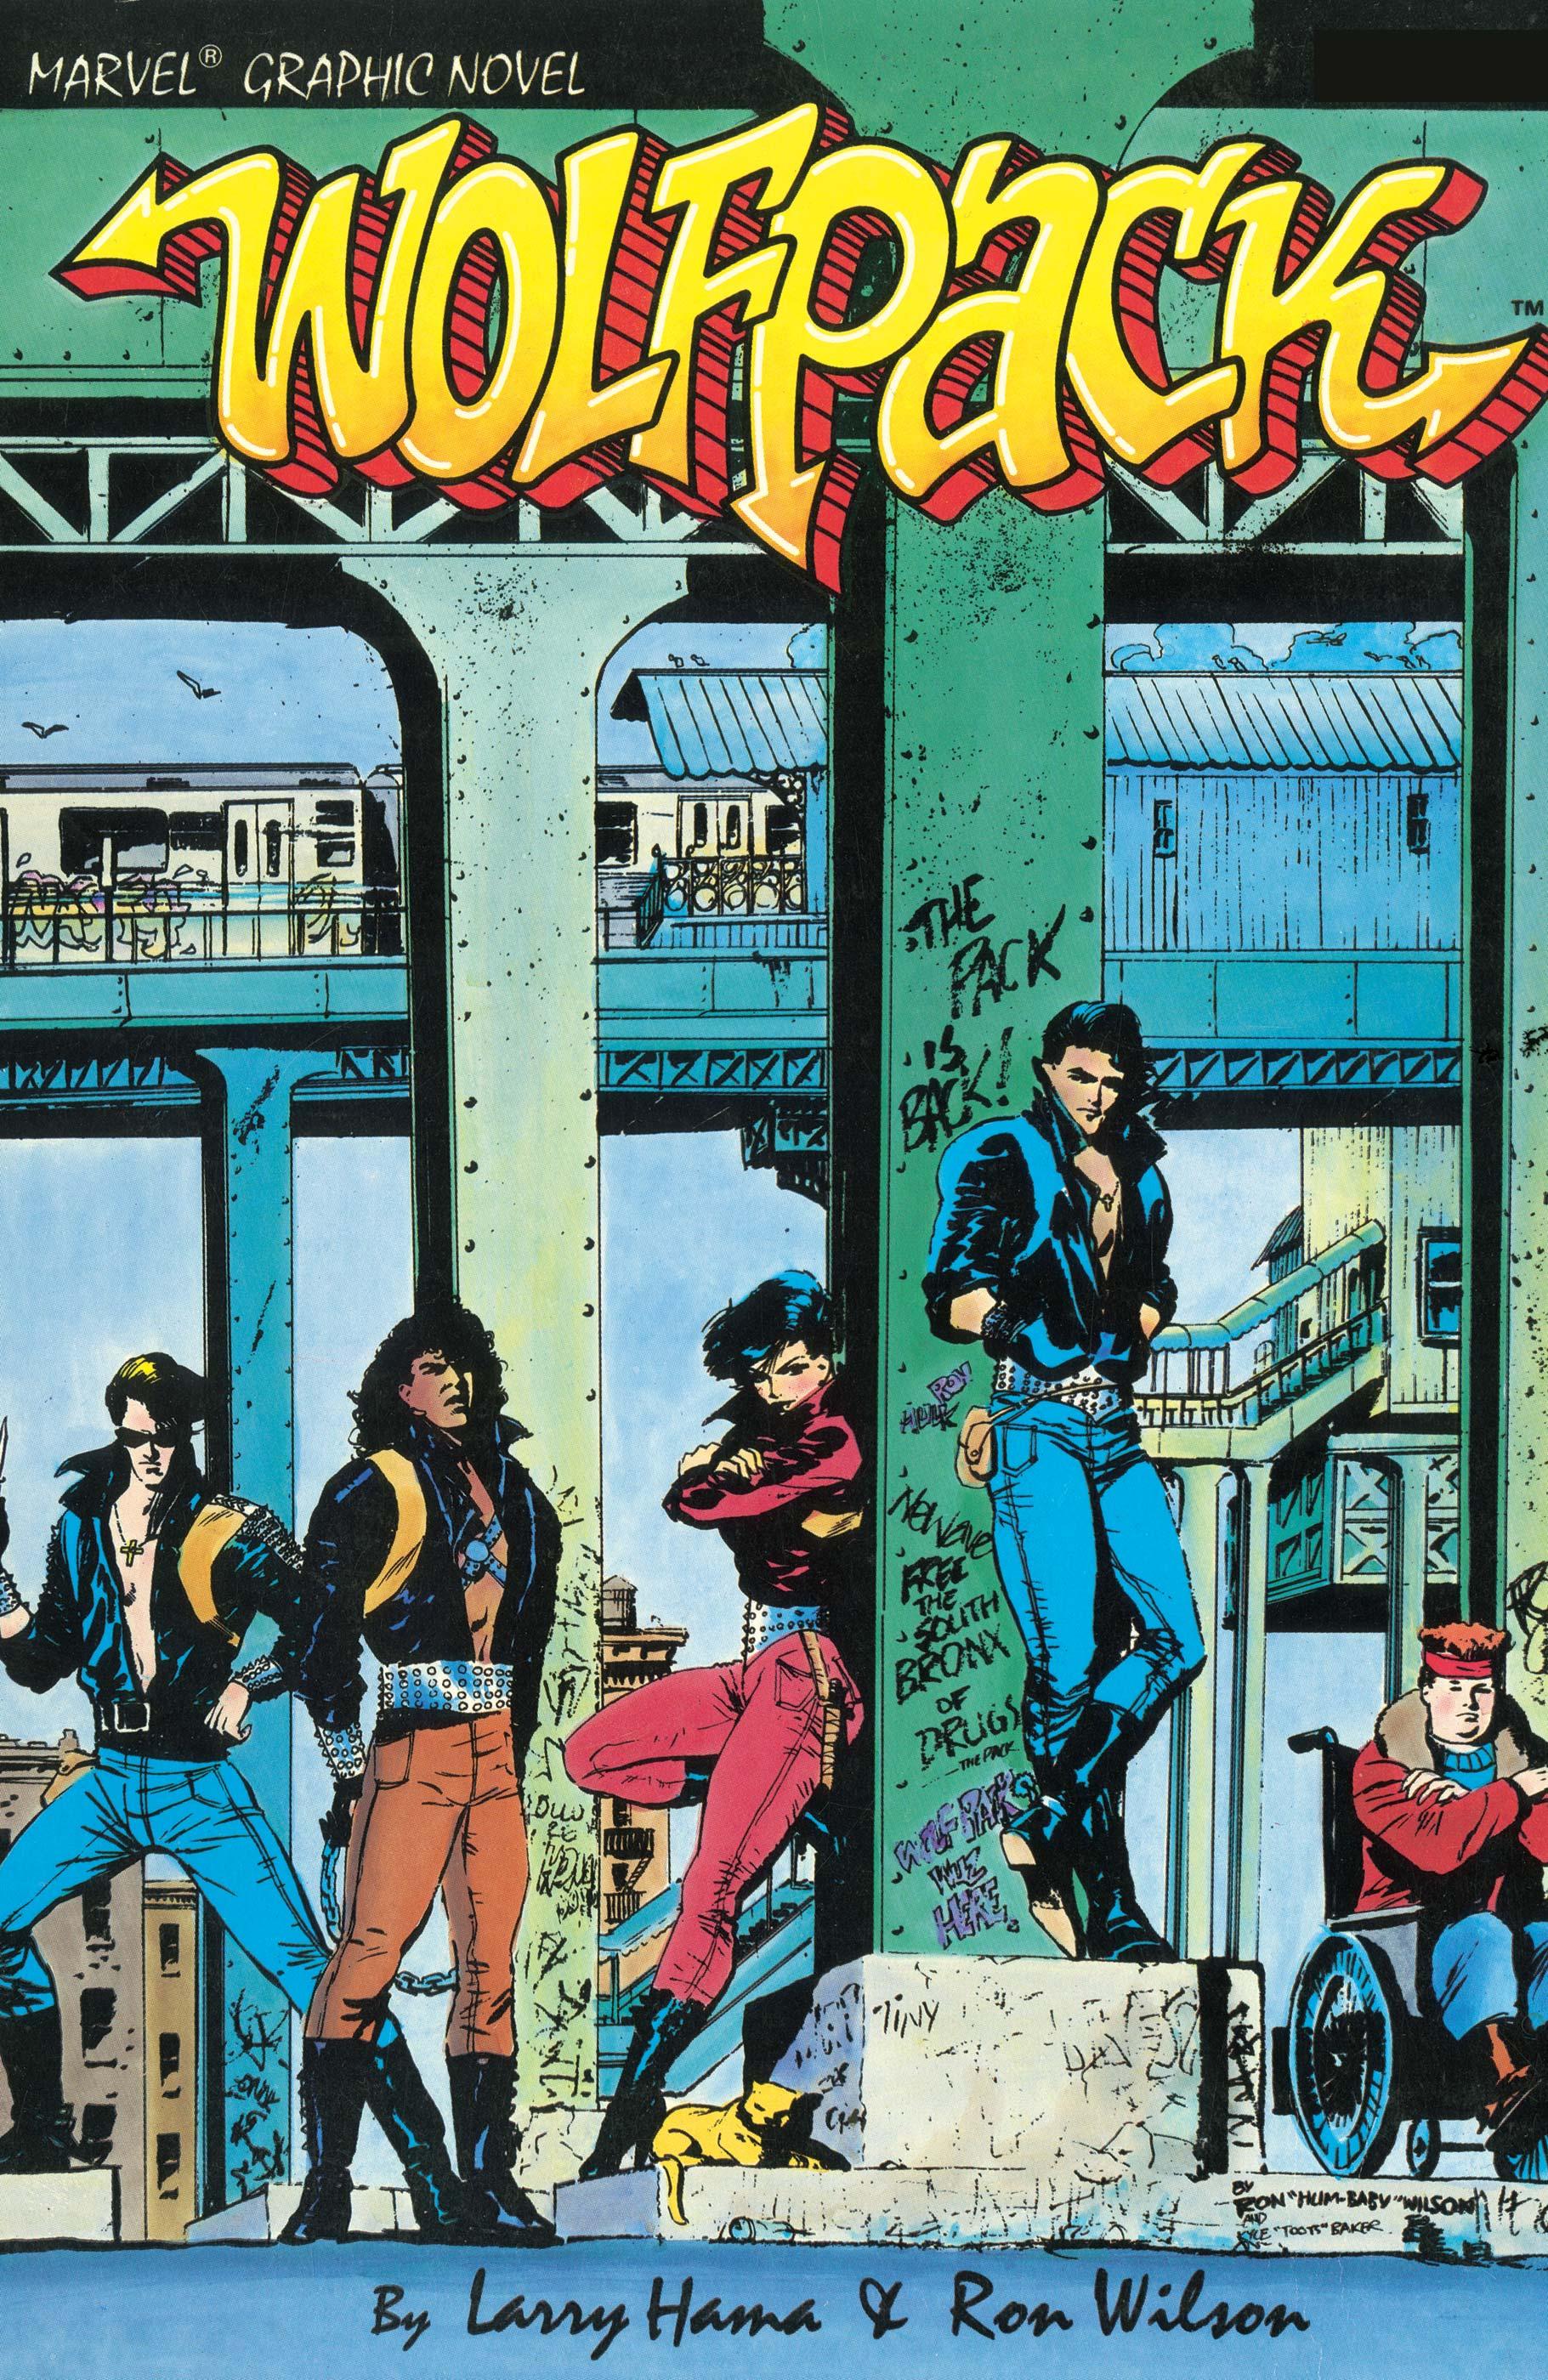 Marvel Graphic Novel (1982) #29